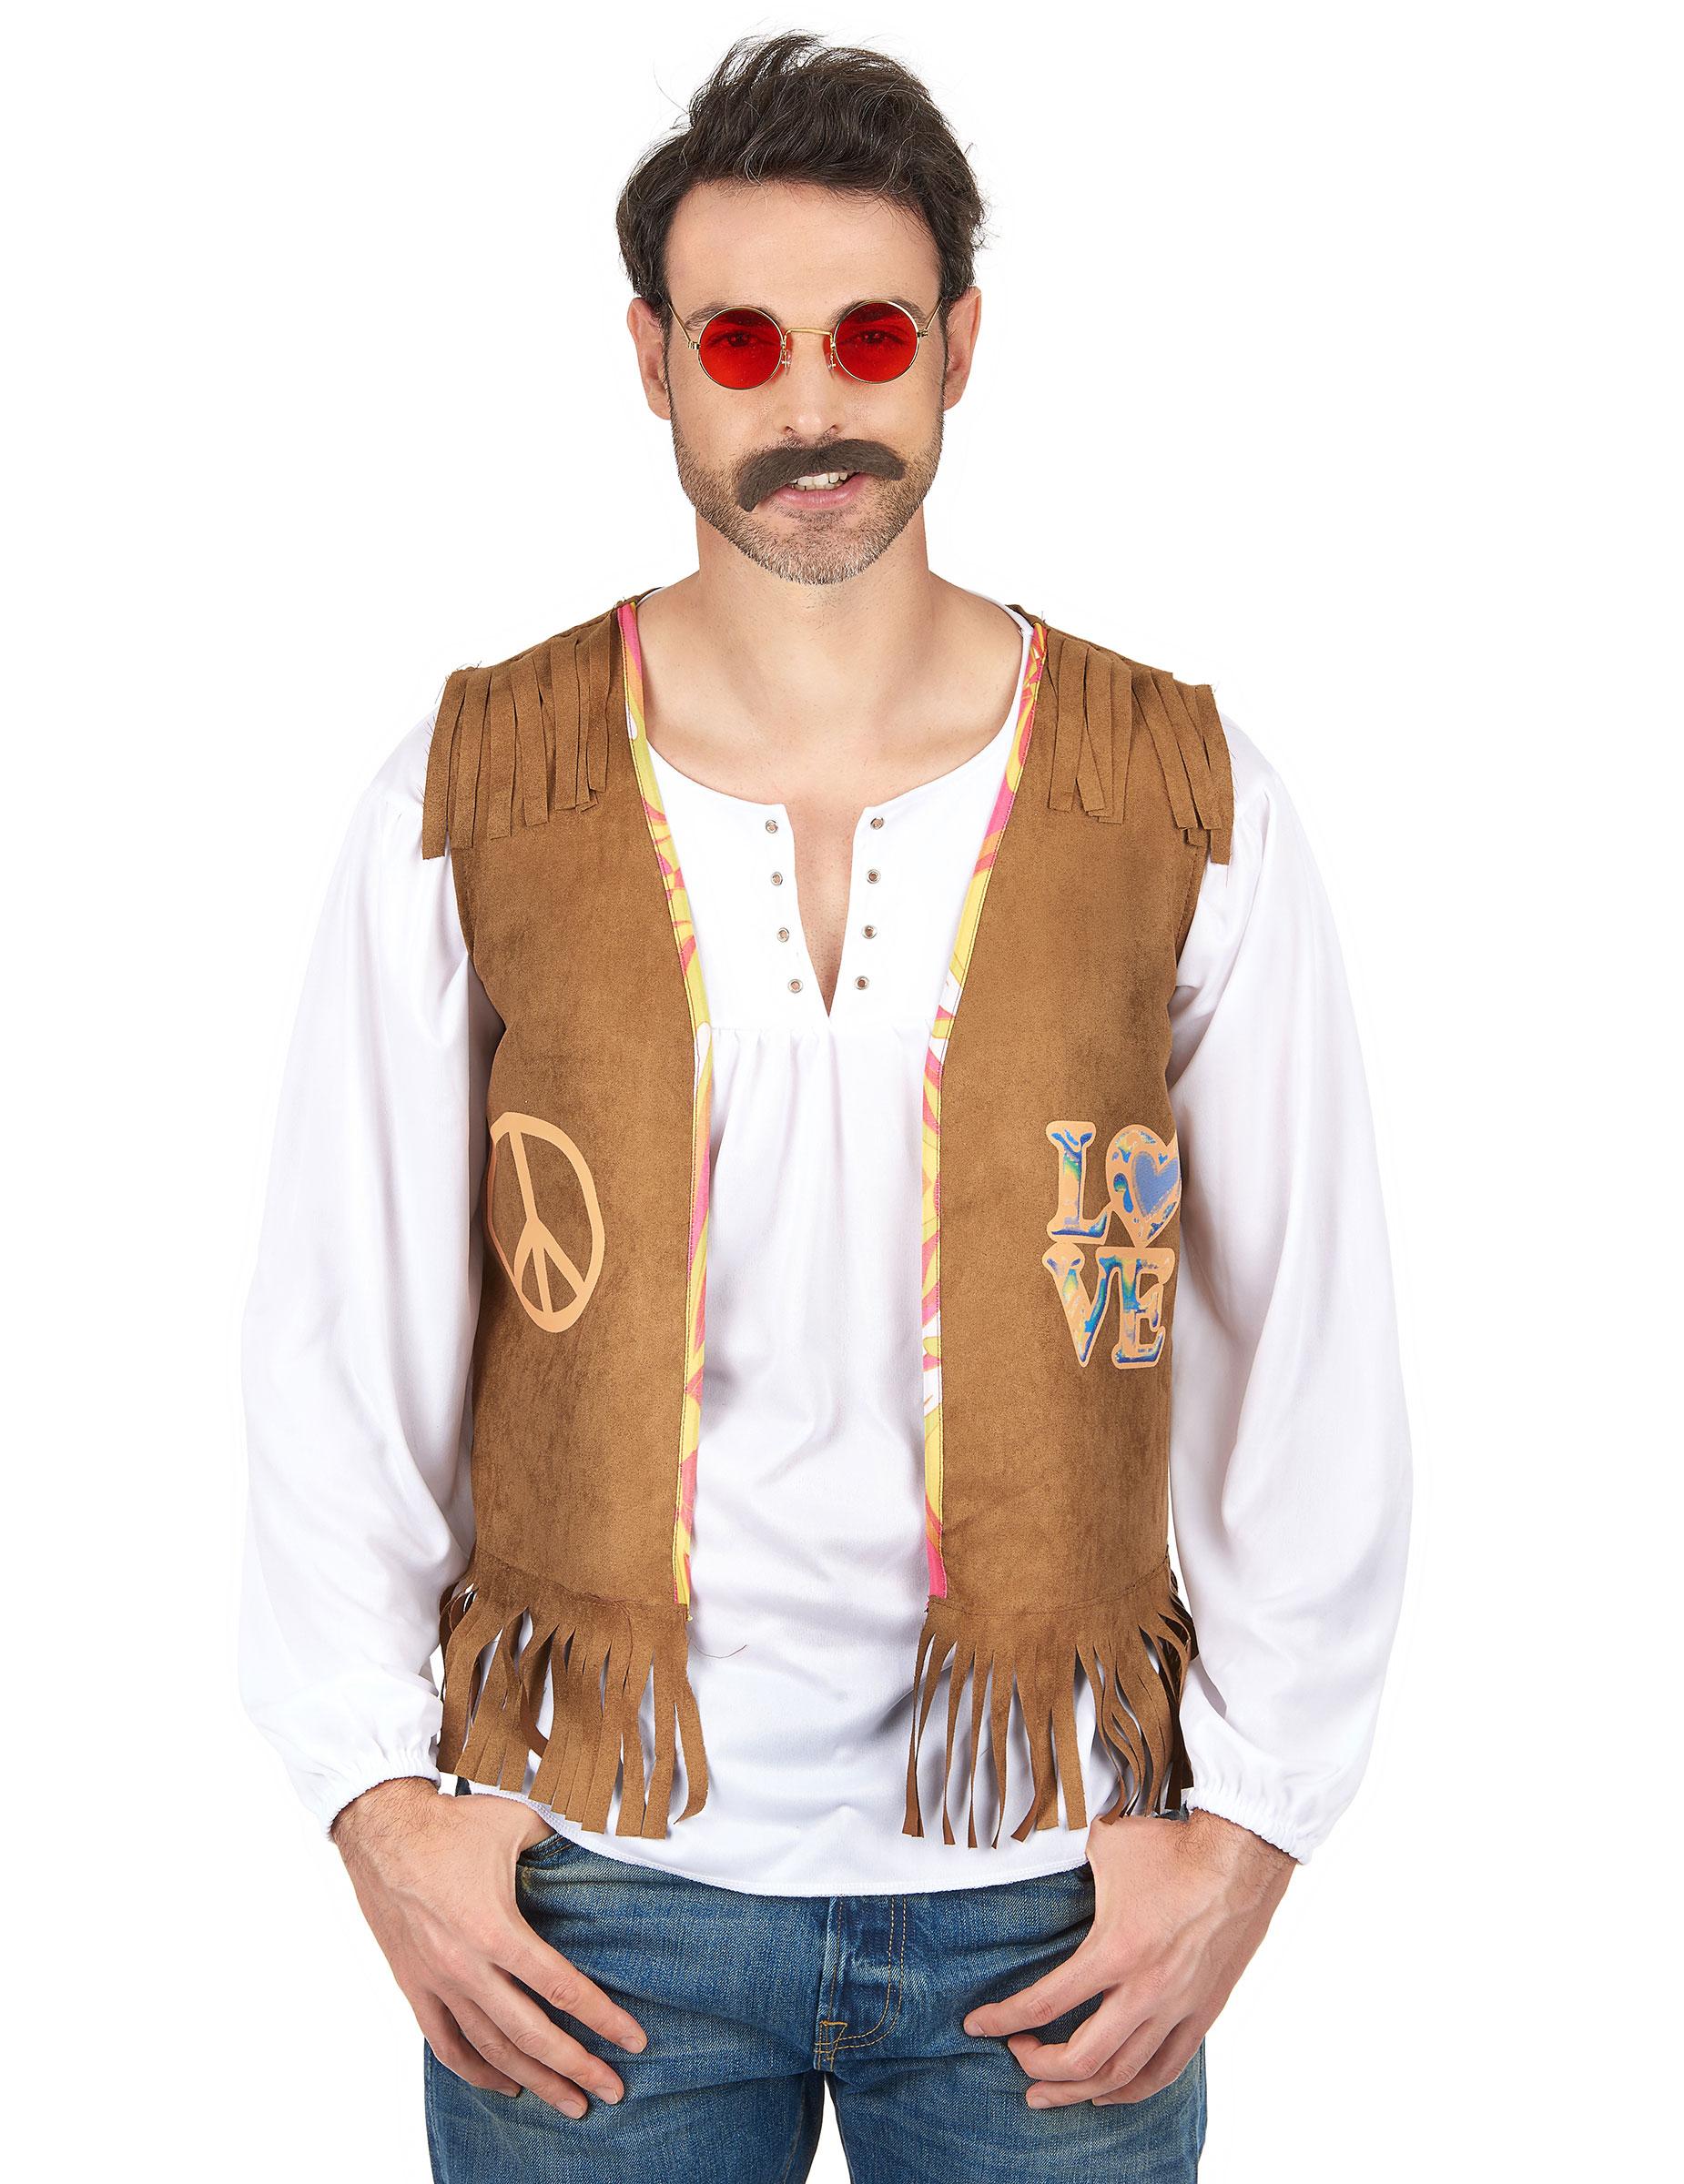 Disfraces de Hippie y acessorios de disfraz Hippie baratos - Vegaoo.es 6914fc108df7